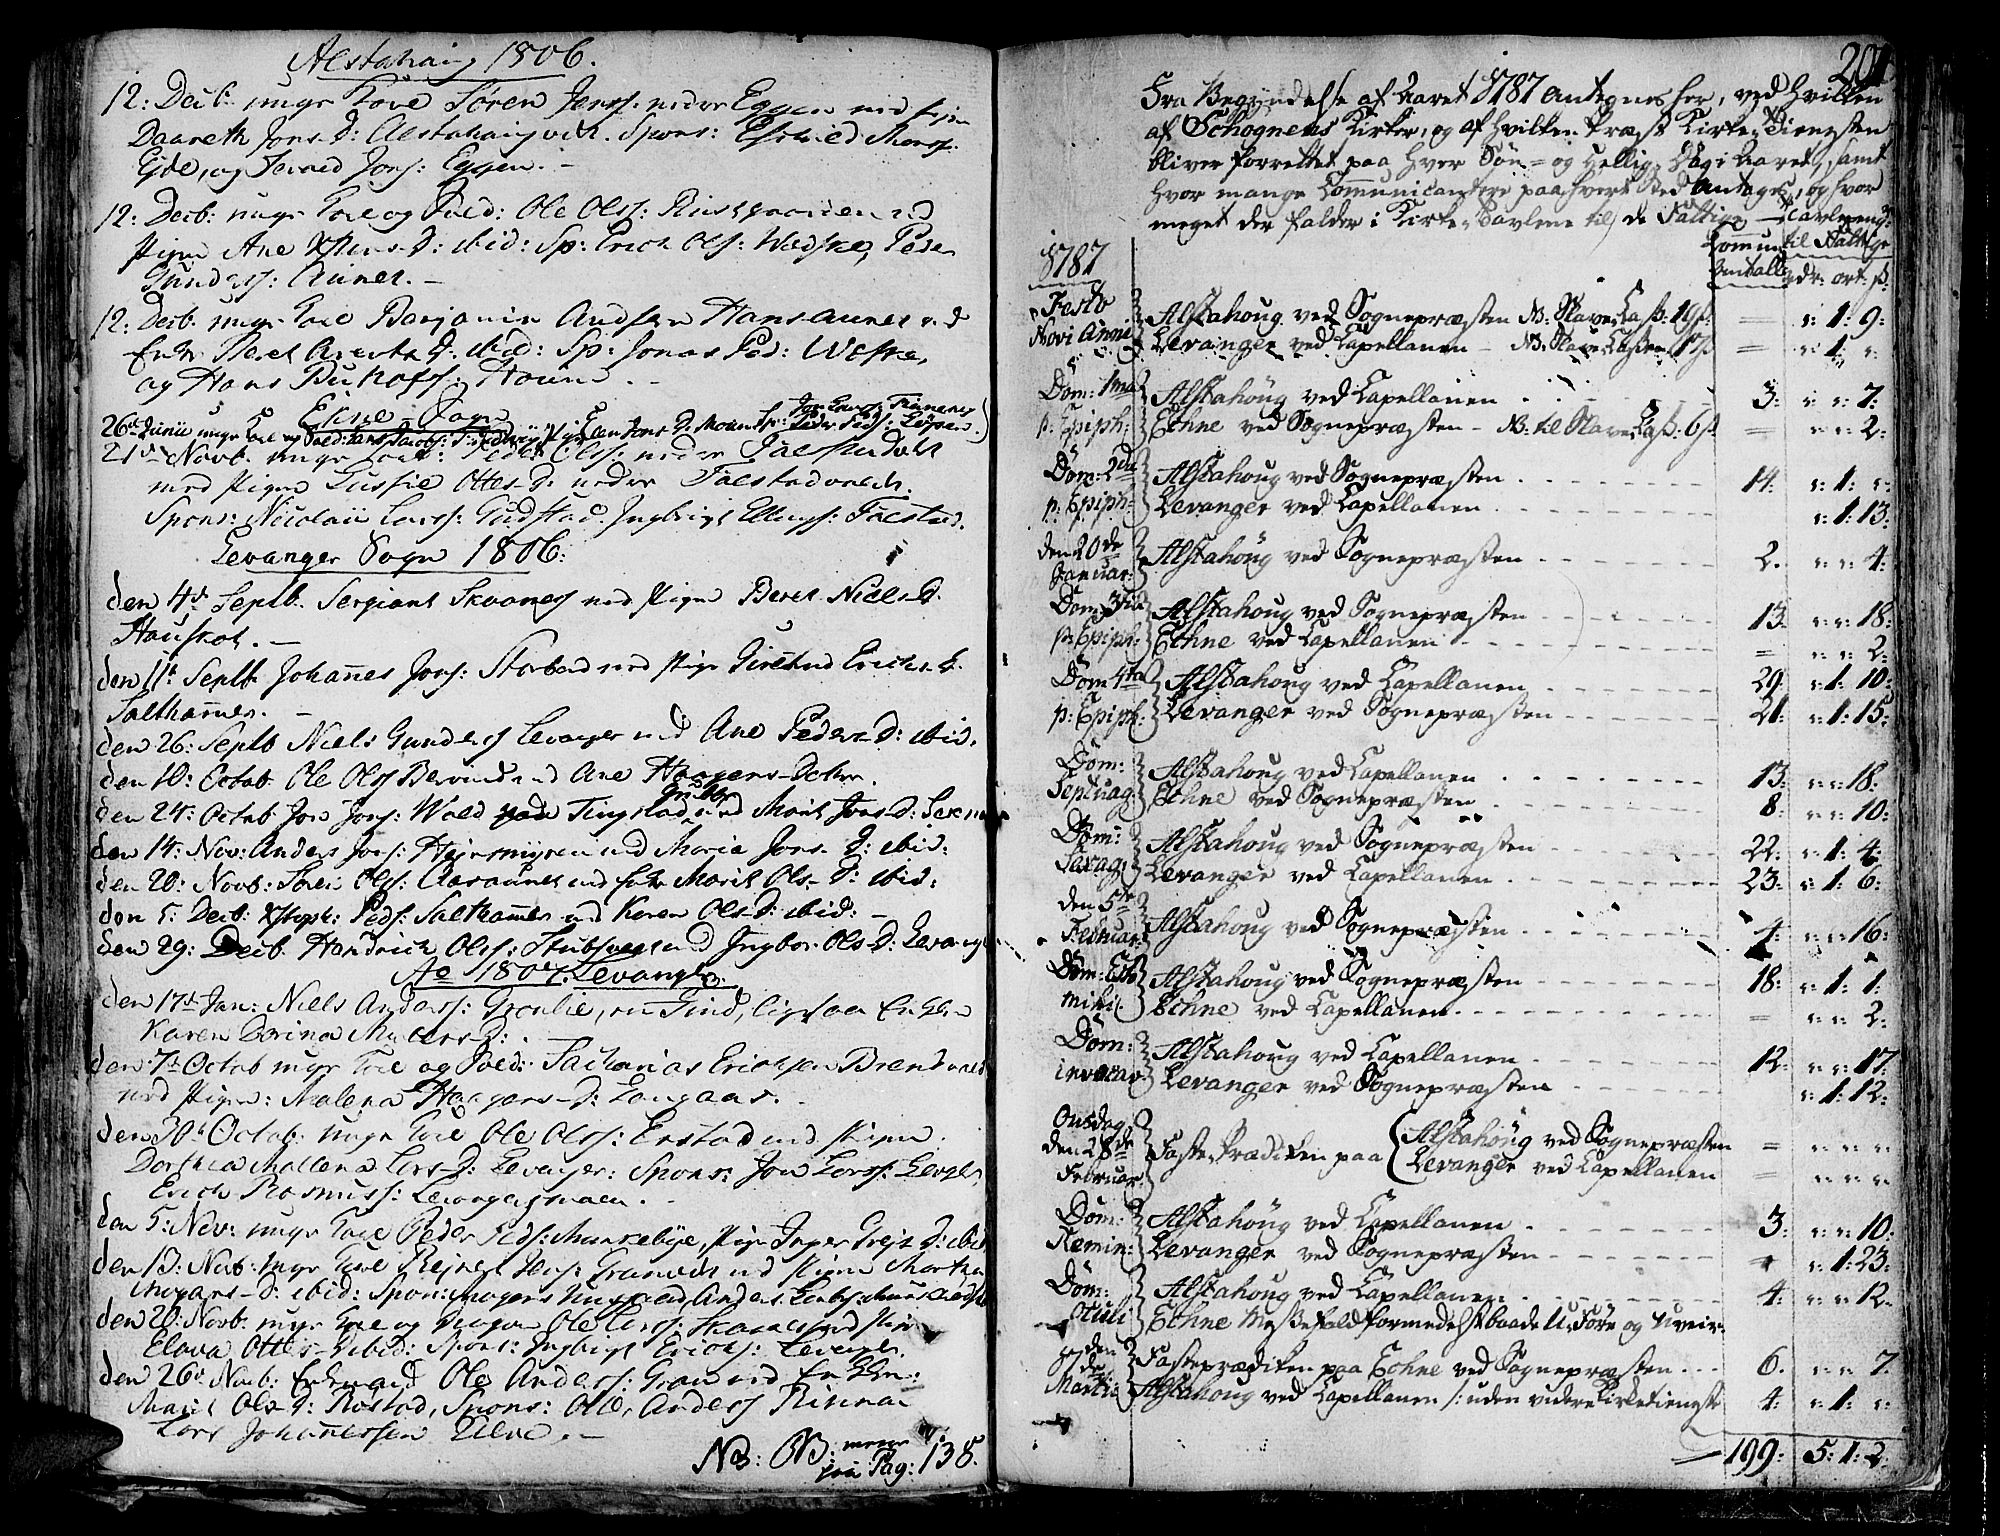 SAT, Ministerialprotokoller, klokkerbøker og fødselsregistre - Nord-Trøndelag, 717/L0142: Ministerialbok nr. 717A02 /1, 1783-1809, s. 201